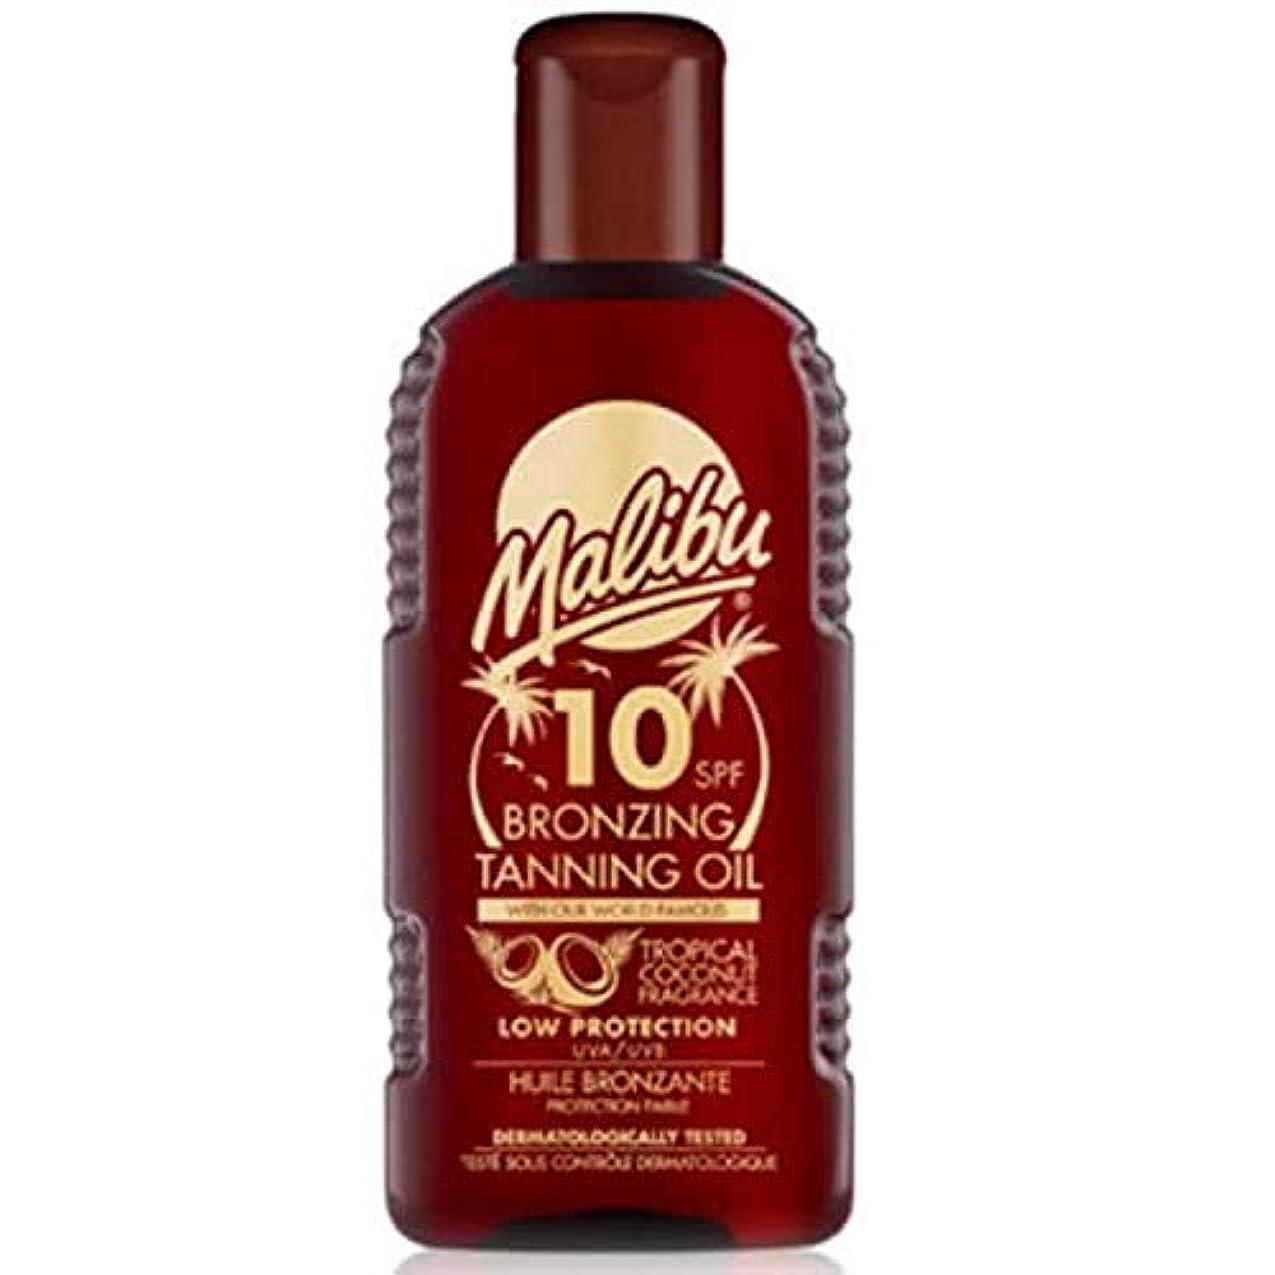 以降スロープラグ[Malibu ] マリブブロンズ日焼けオイルSpf 10 - Malibu Bronzing Tanning Oil SPF 10 [並行輸入品]